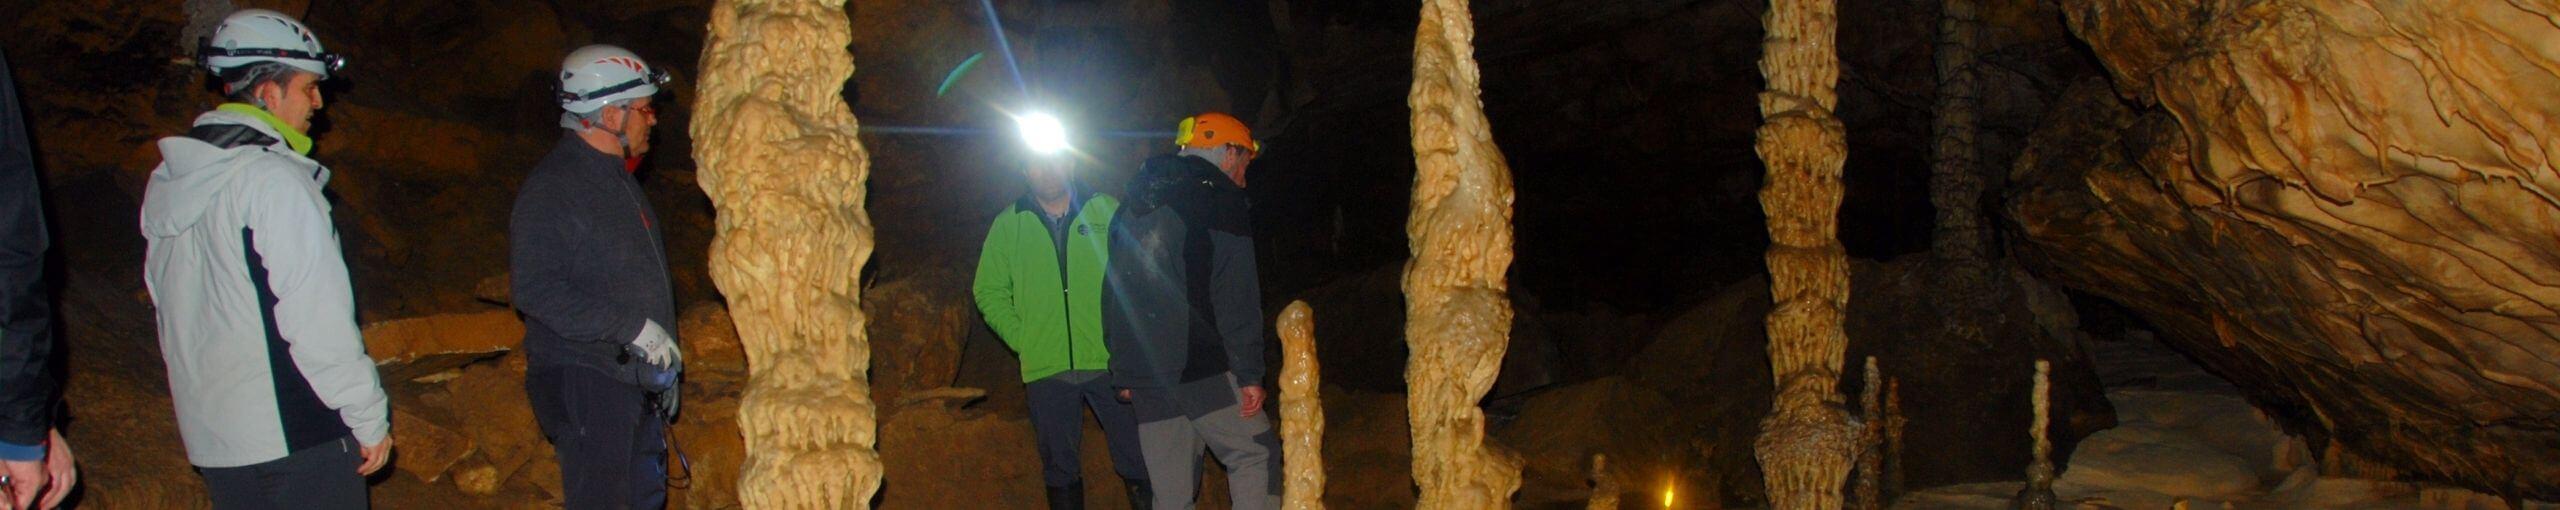 Cueva Palomera. Las Merindades, Burgos. Castilla y León.